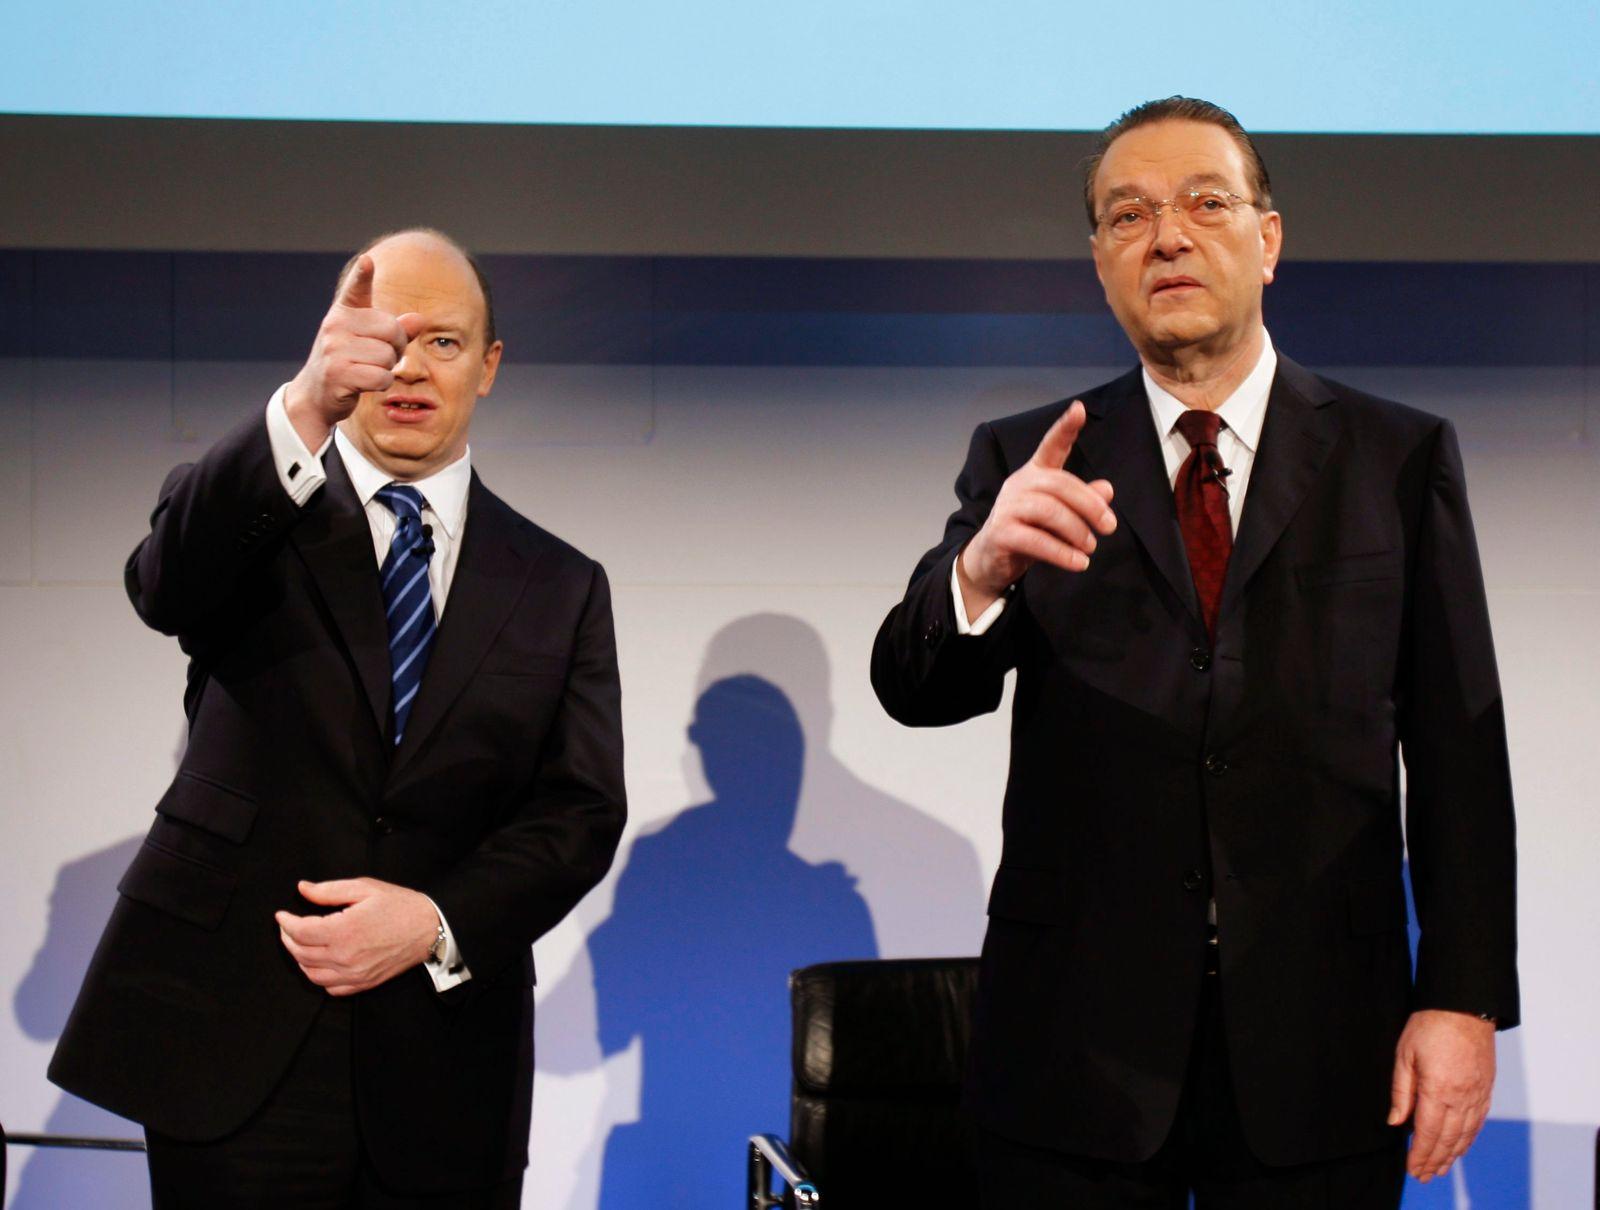 Schweizer Großbank UBS bleibt 2009 in den roten Zahlen